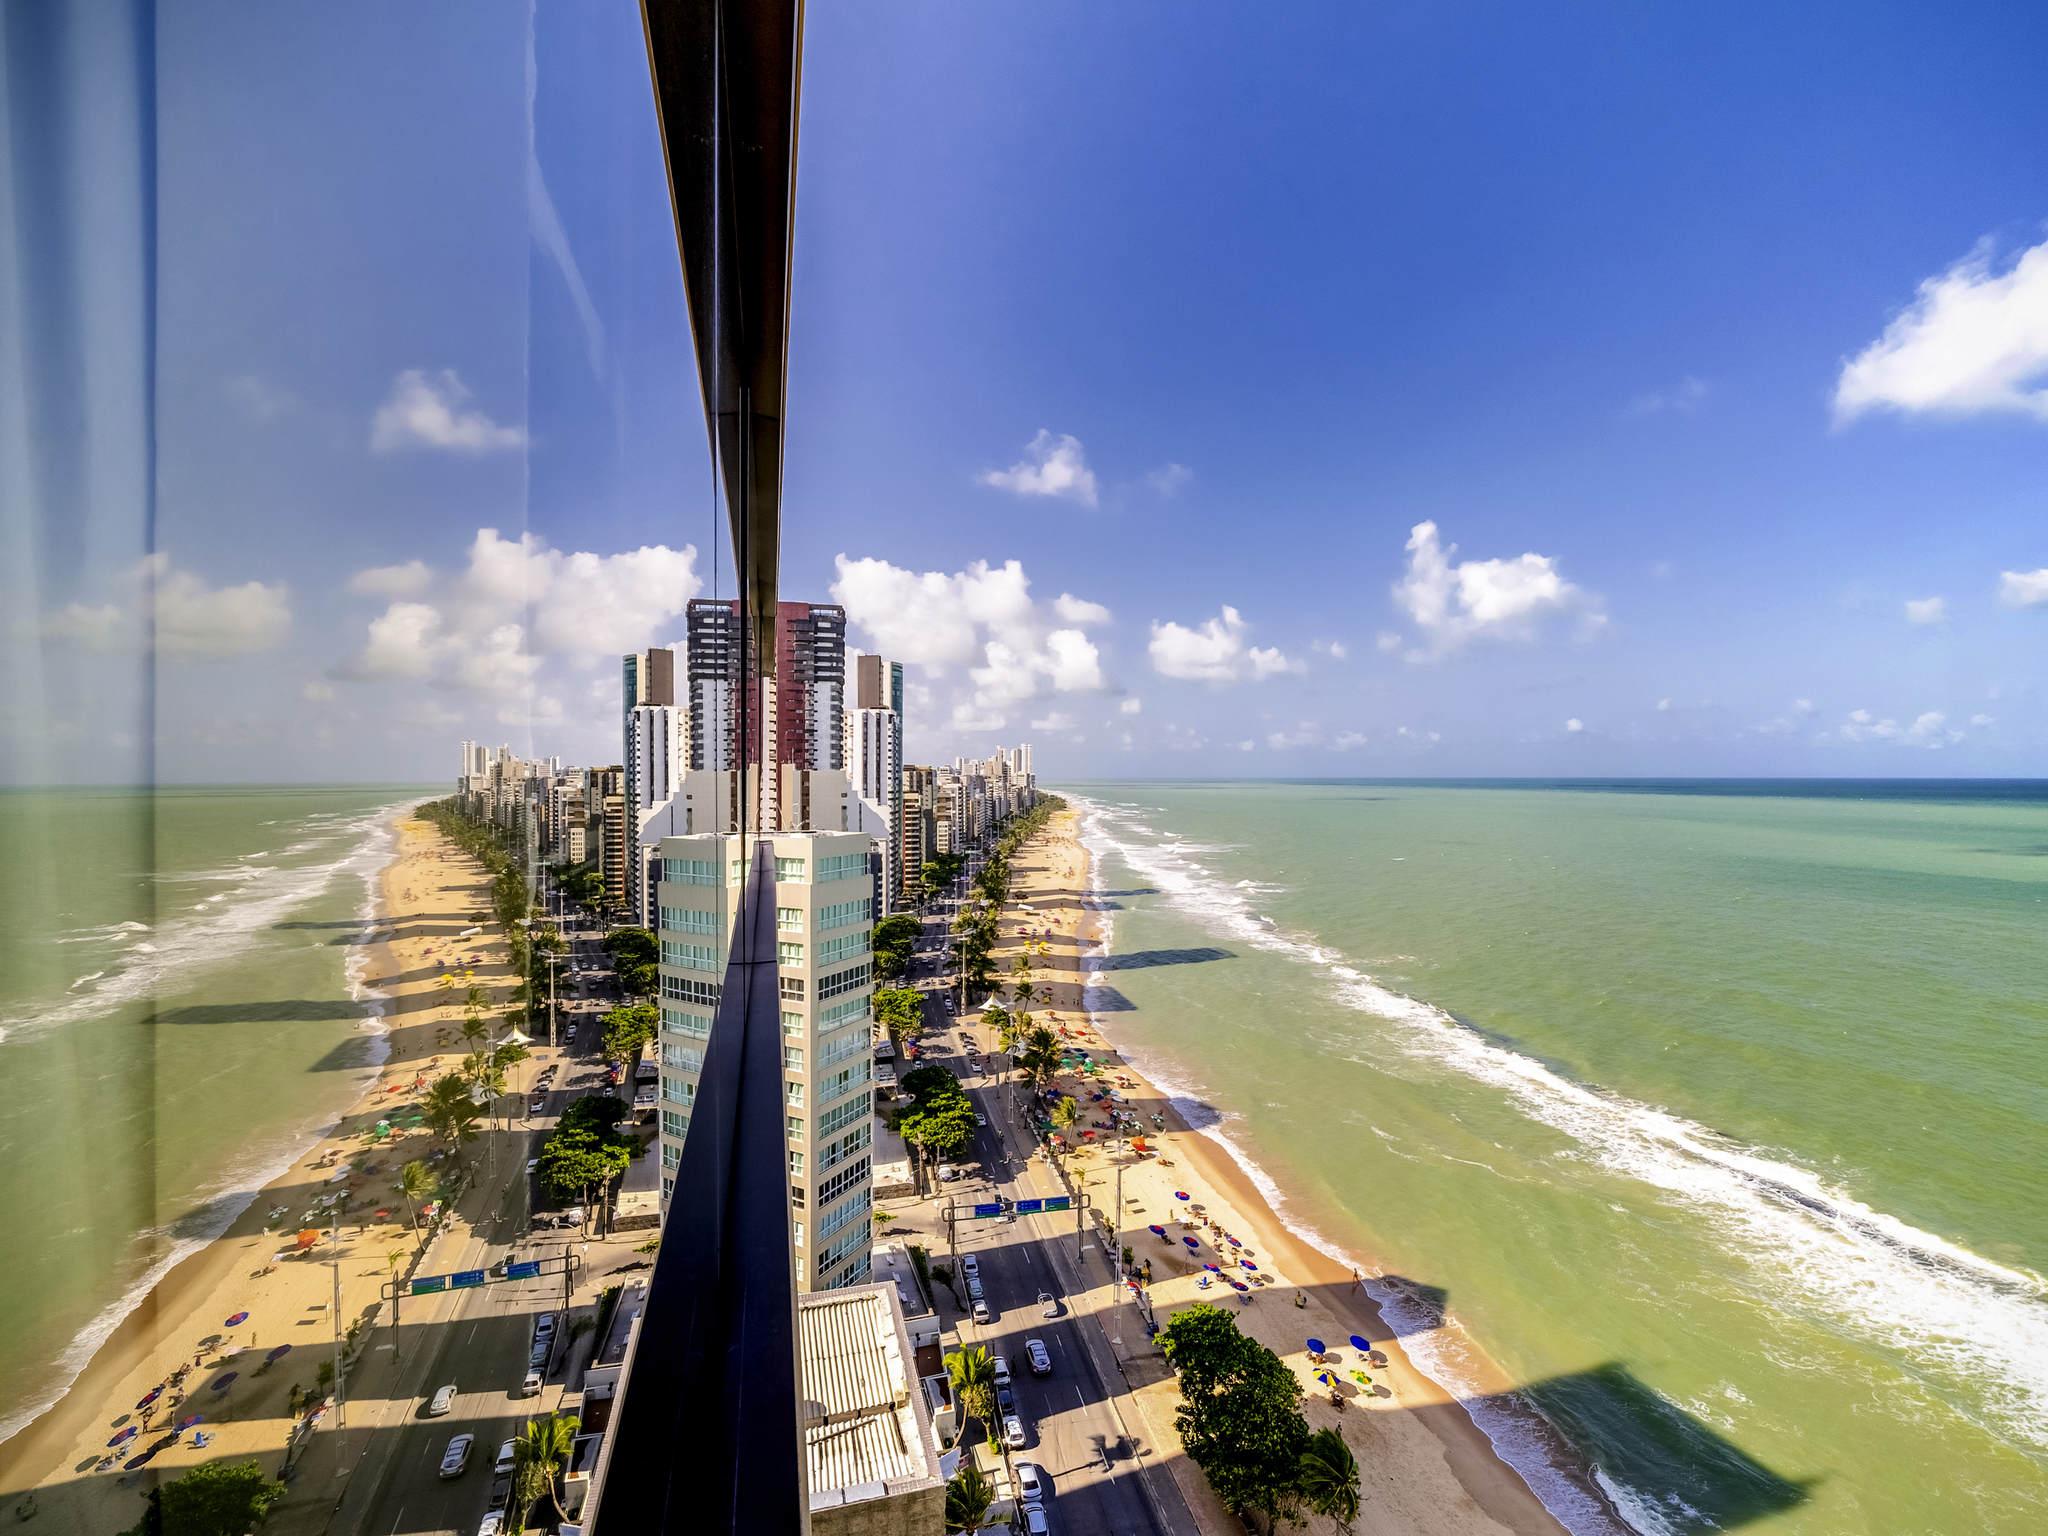 Hotel – Grand Mercure Recife Boa Viagem (antigo BHG Recife Palace)